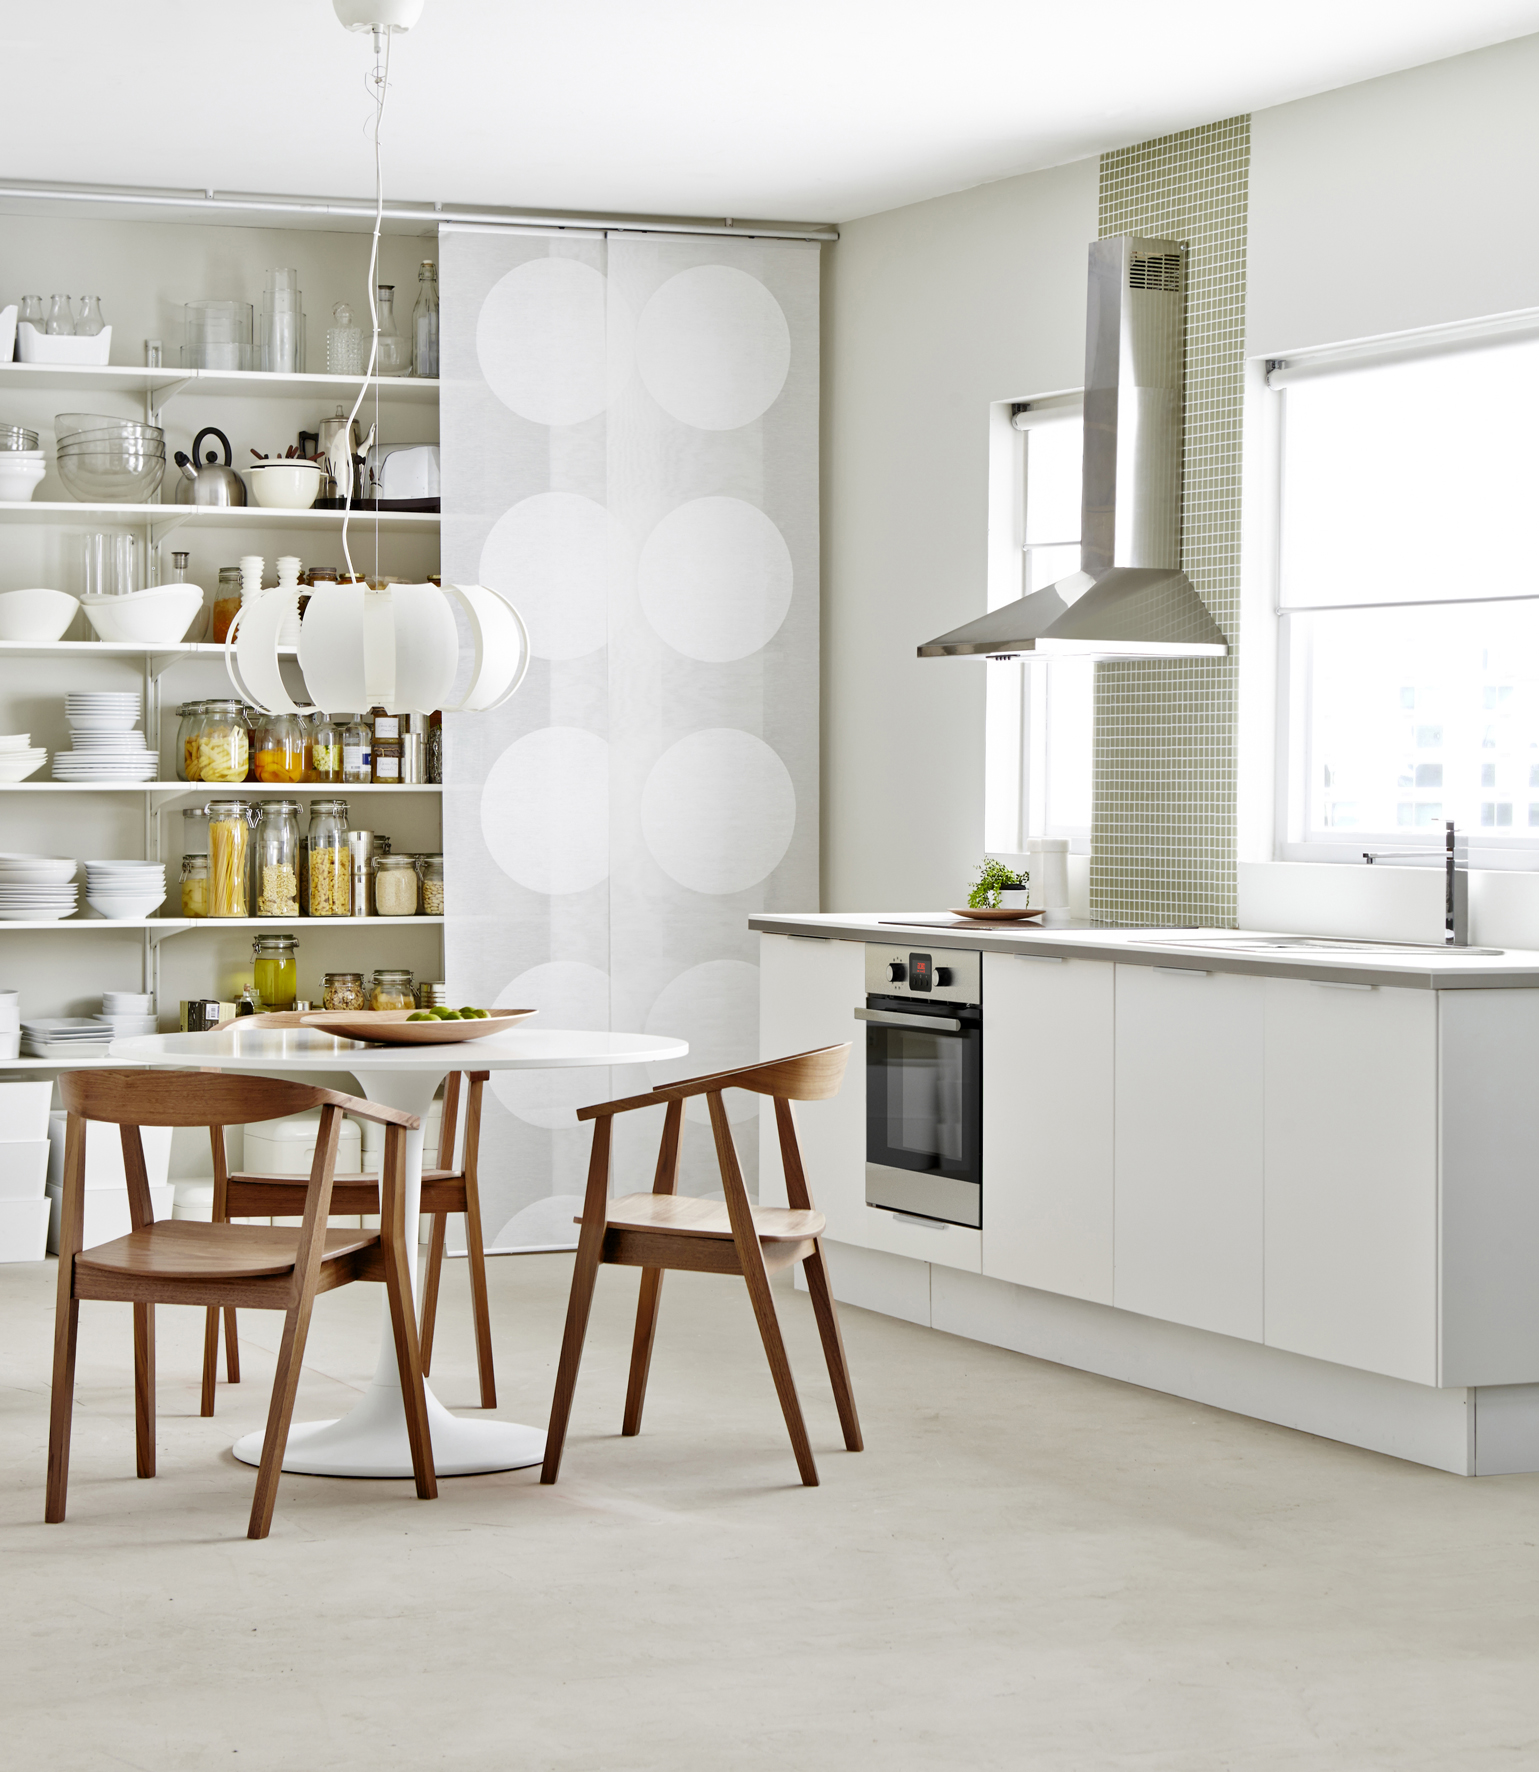 Ikea Nieuwe Keuken Metod : Mooie korting op Ikea keukens Faktum – Nieuws Startpagina voor keuken